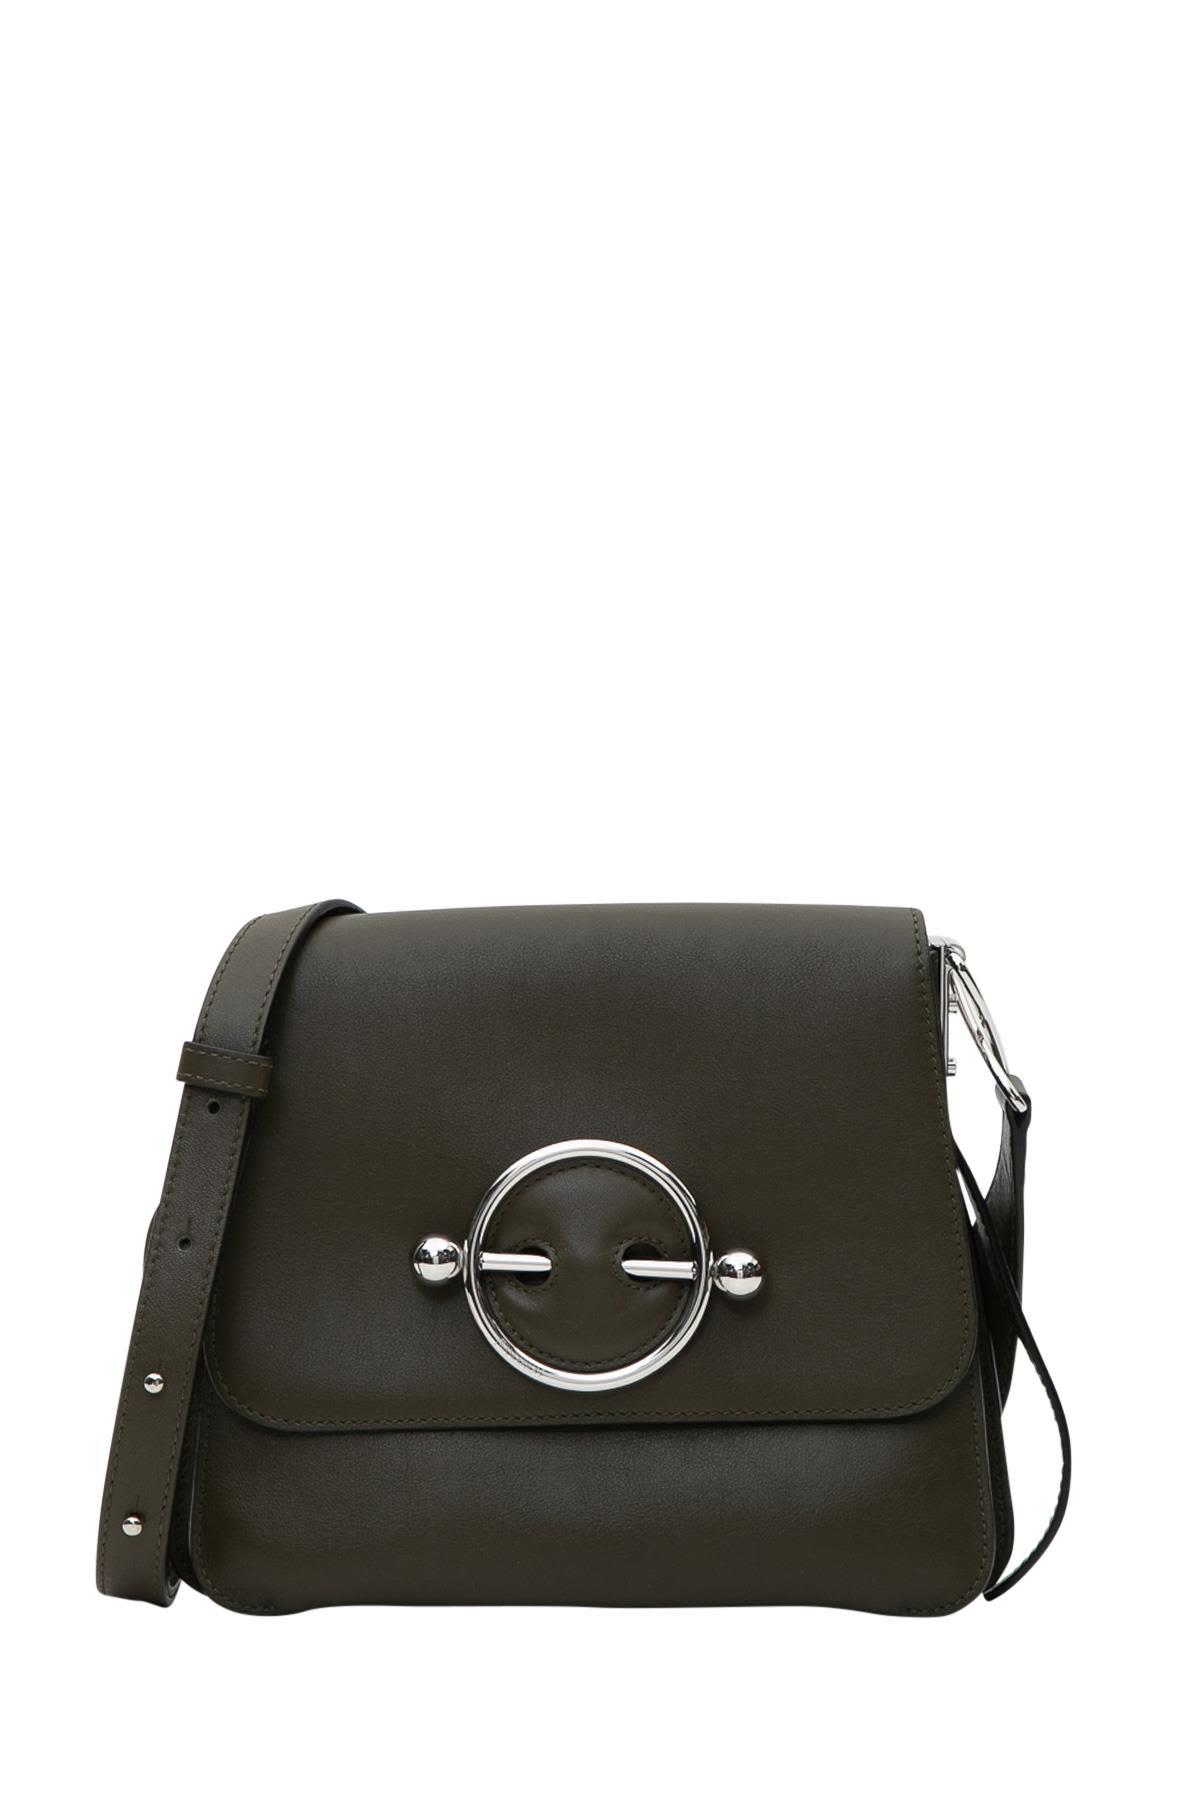 J.W. Anderson Disk Shoulder Bag